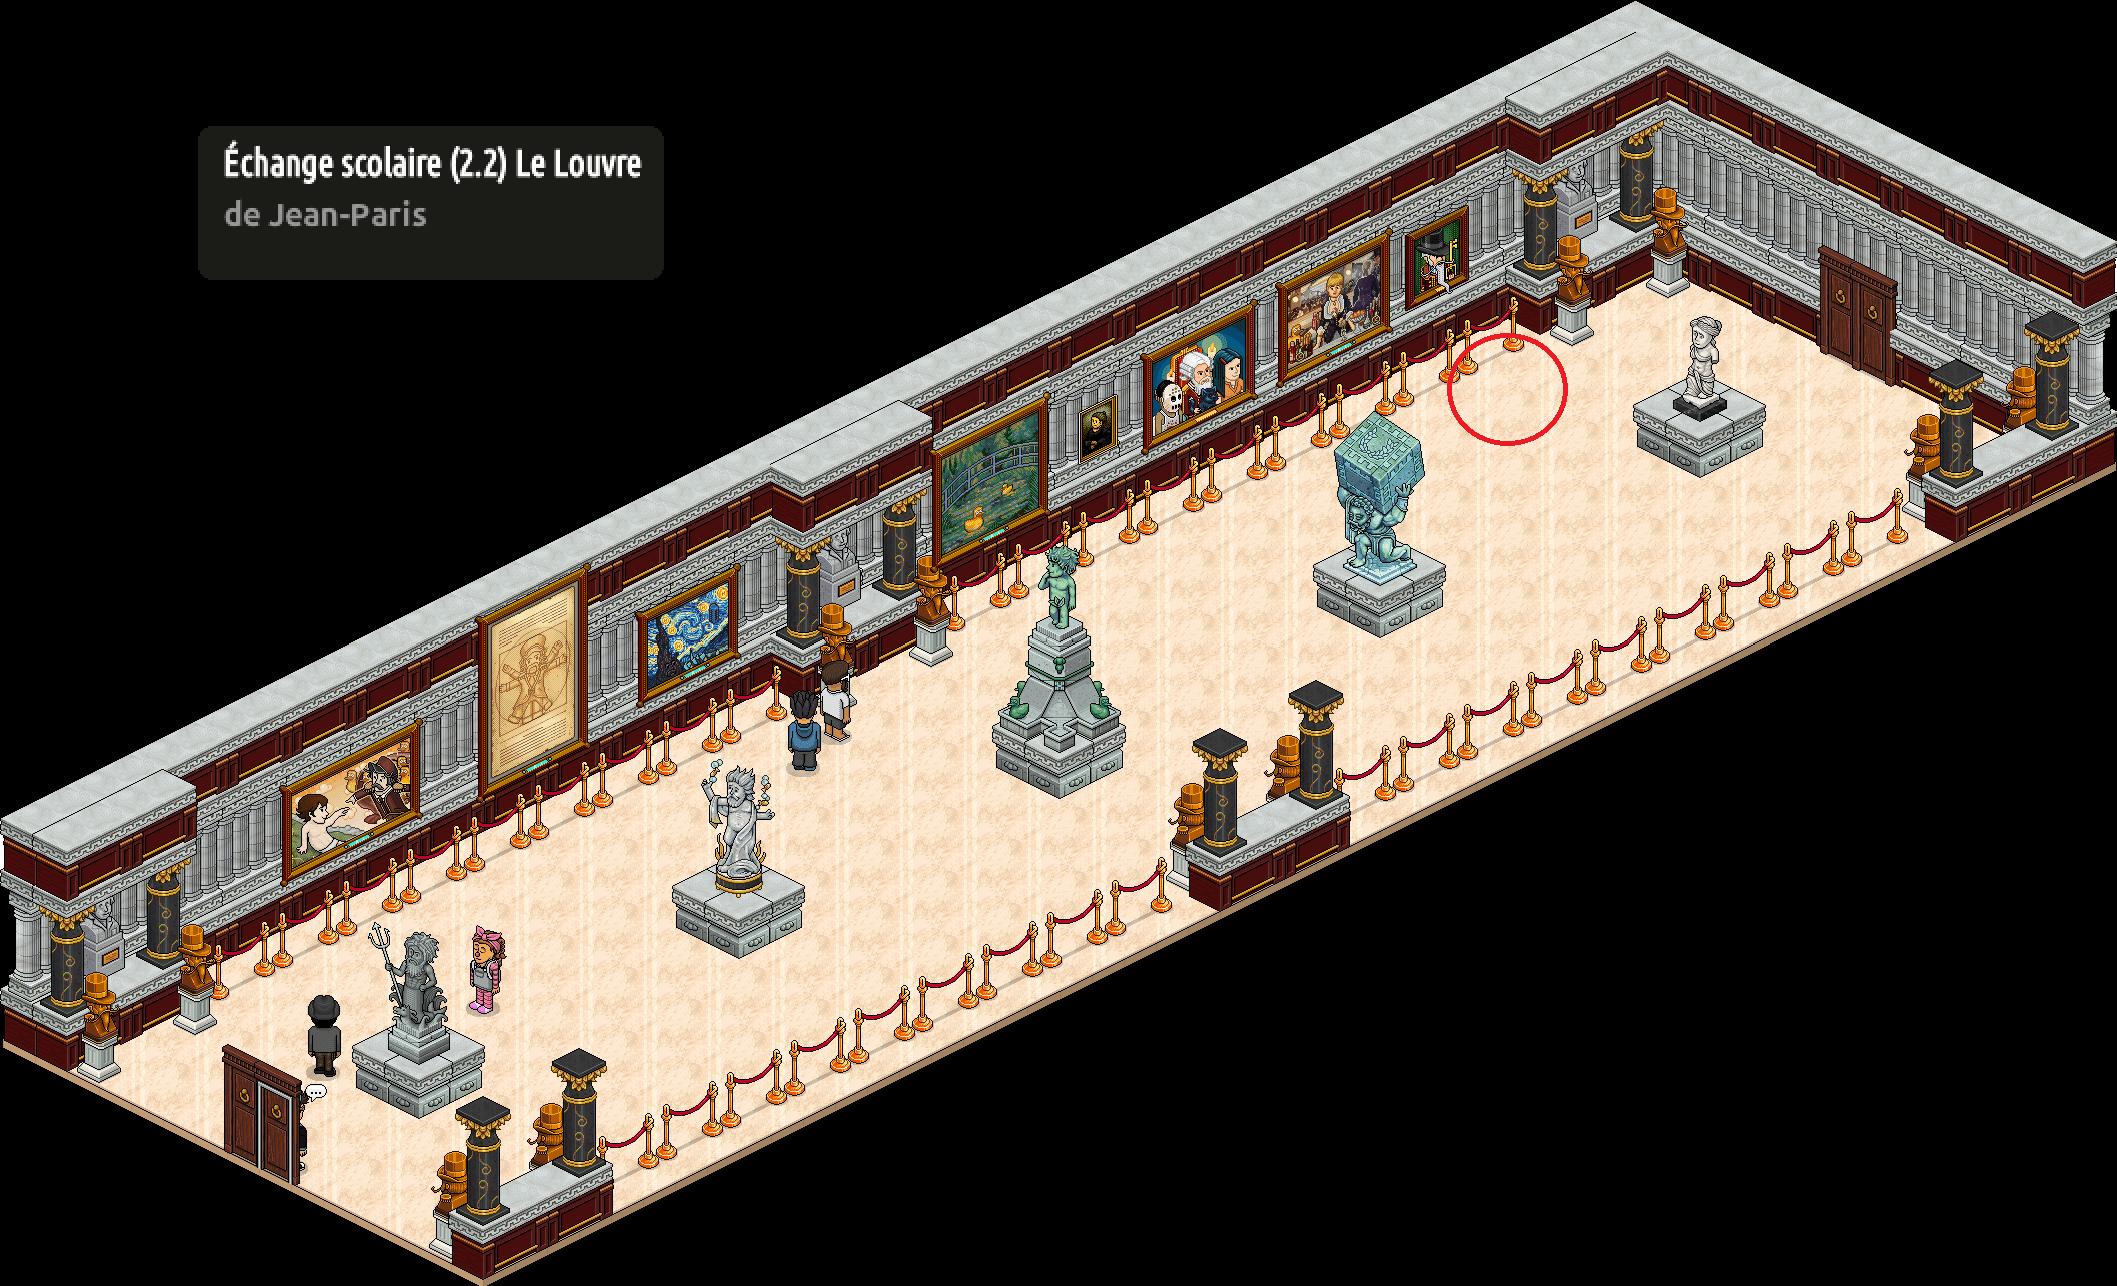 Echange scolaire (2.2) Entrée du Louvre